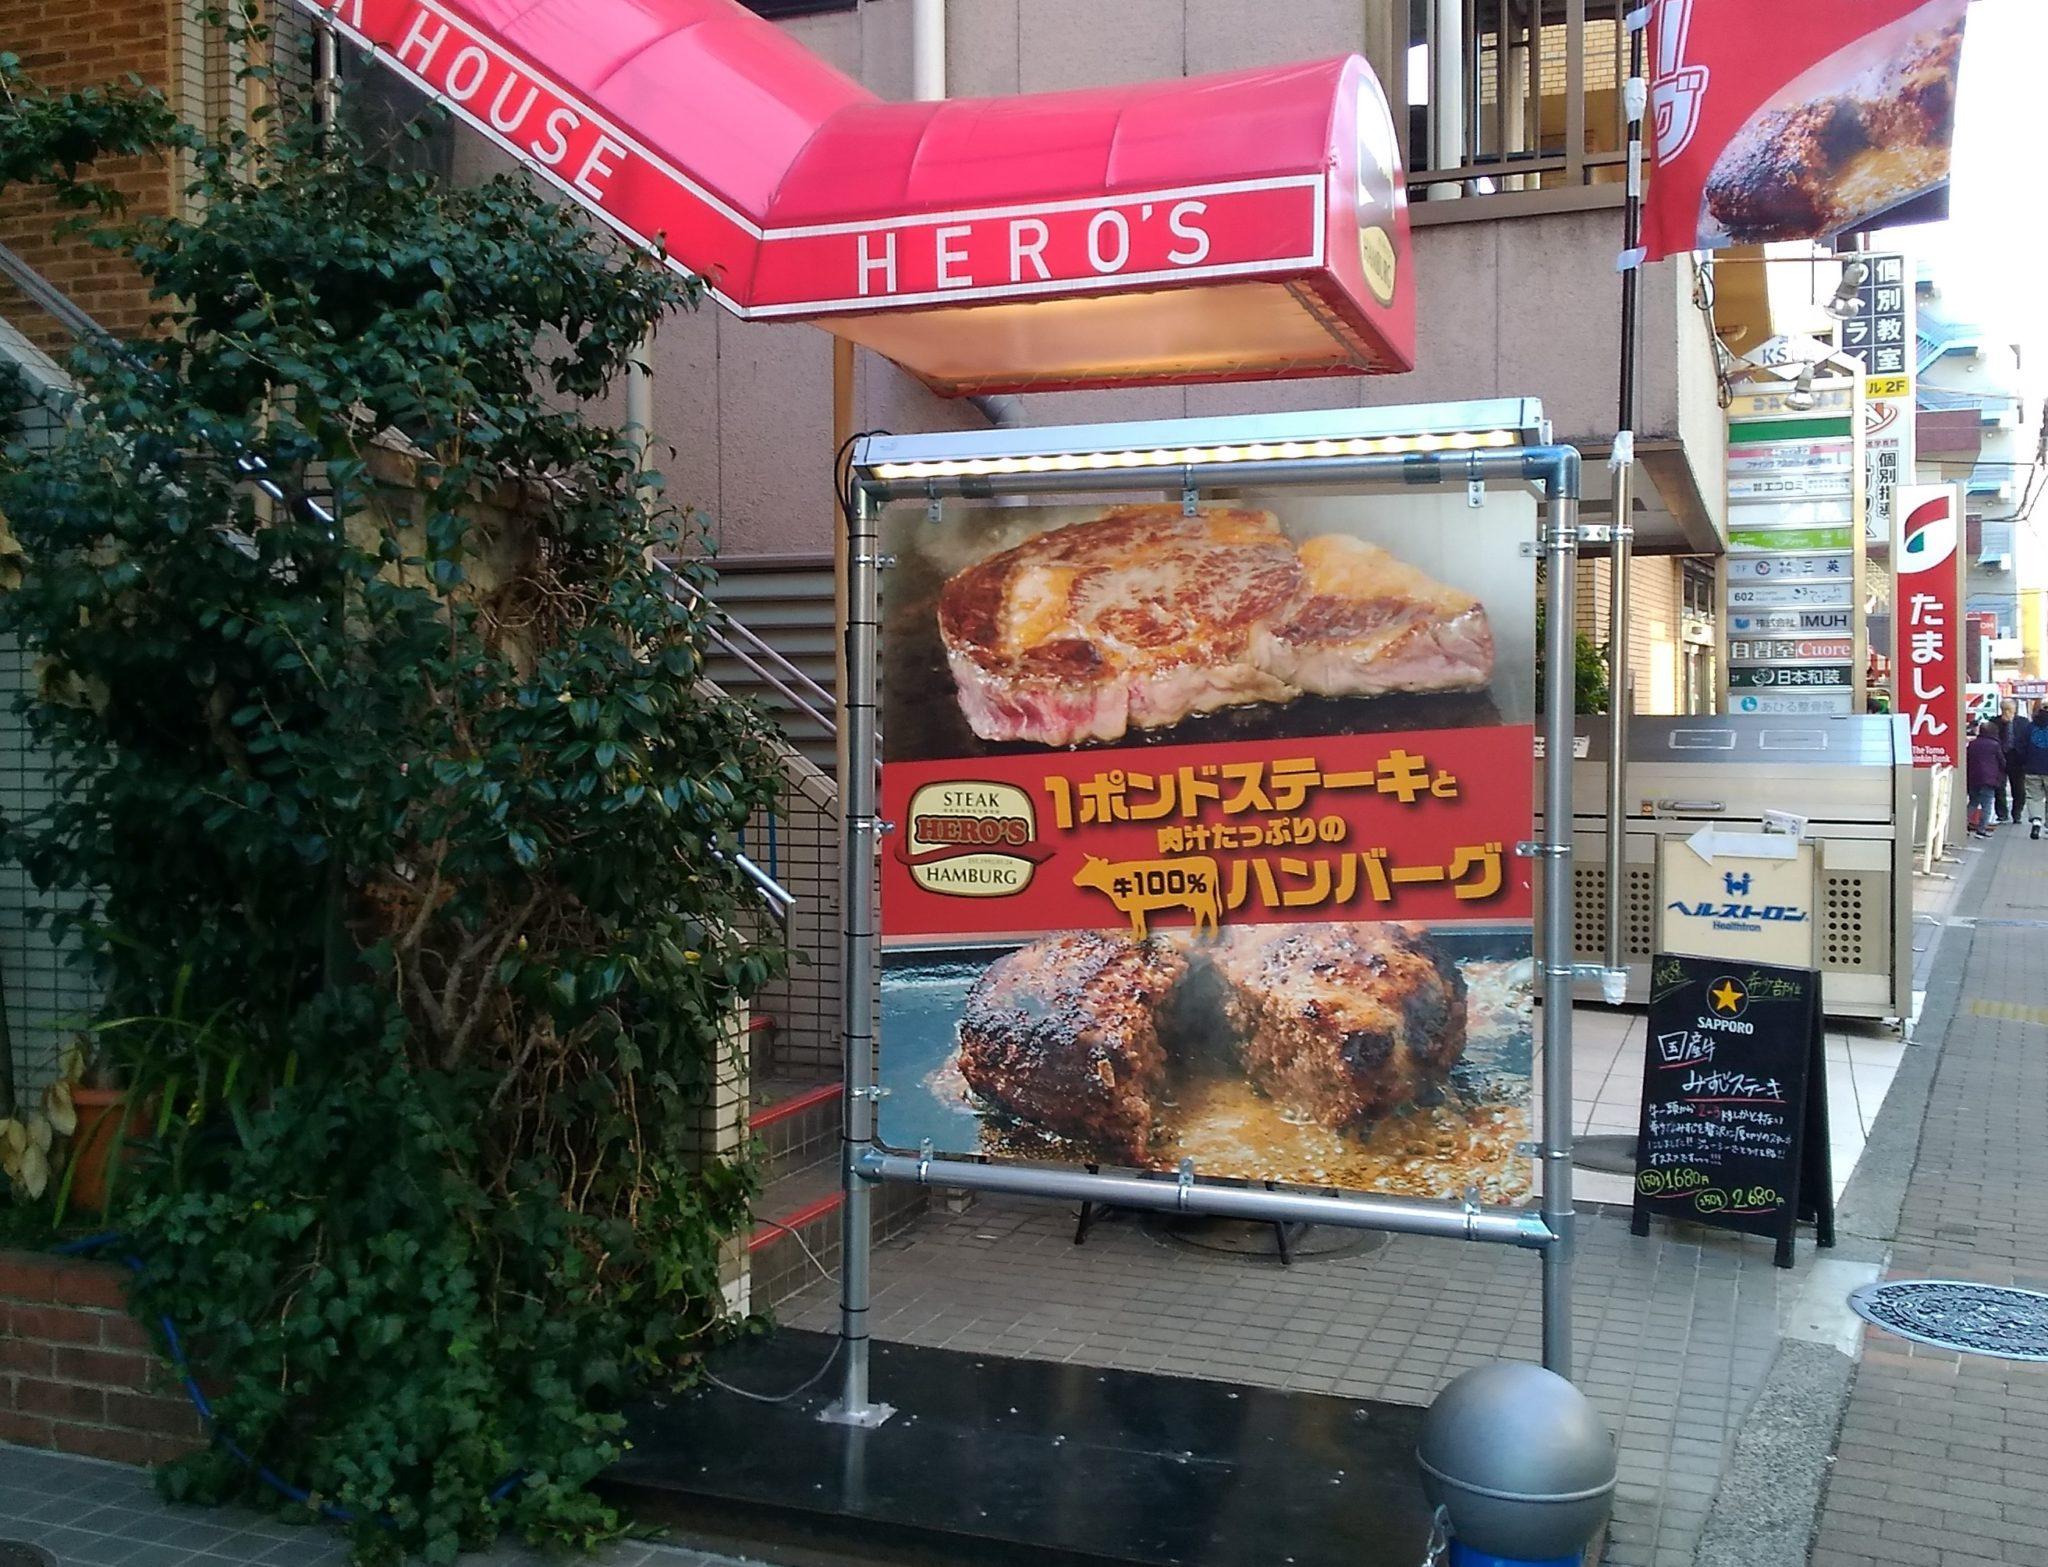 HERO'S (ヒーローズ)調布店入口